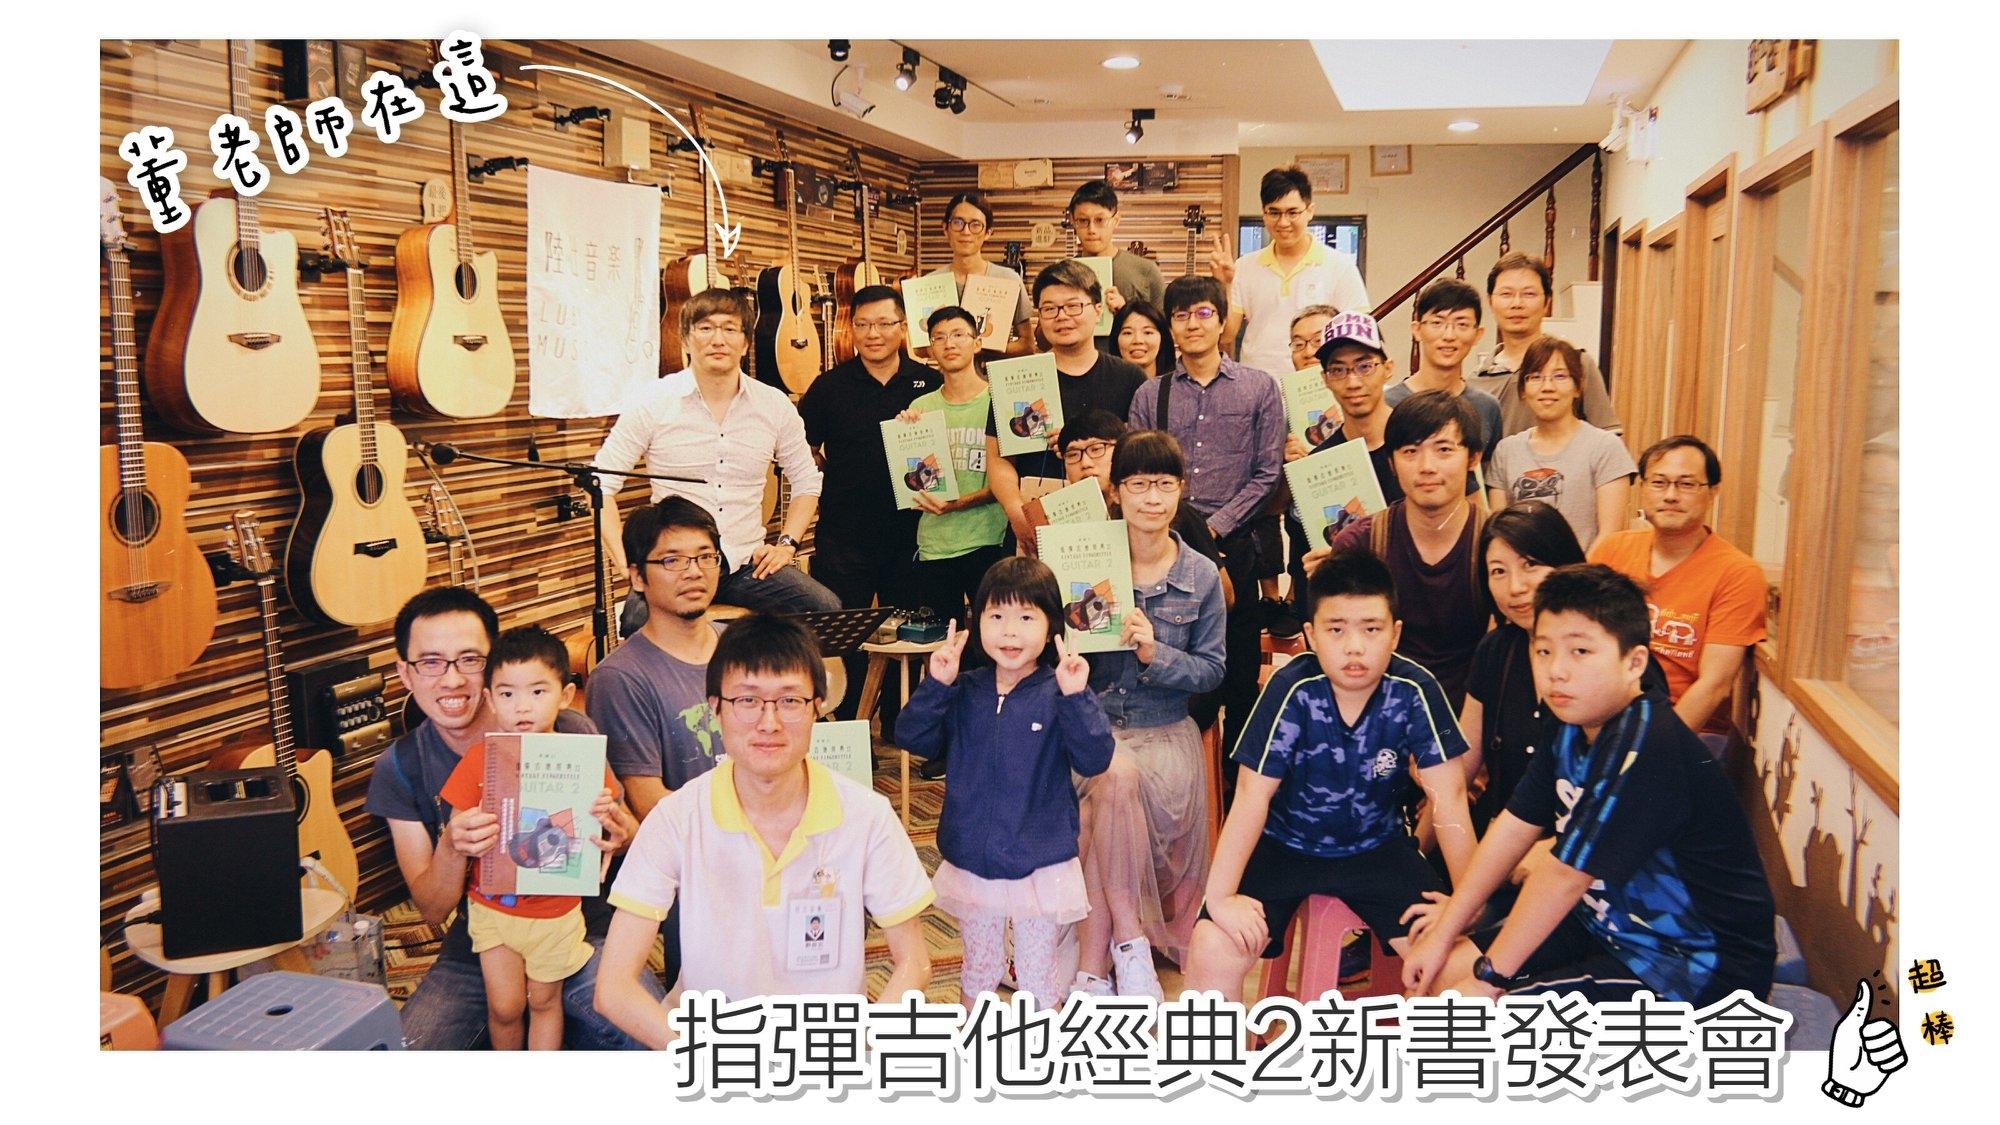 台灣知名吉他演奏家 董運昌 指彈吉他經典2 新書發表會在陸比音樂